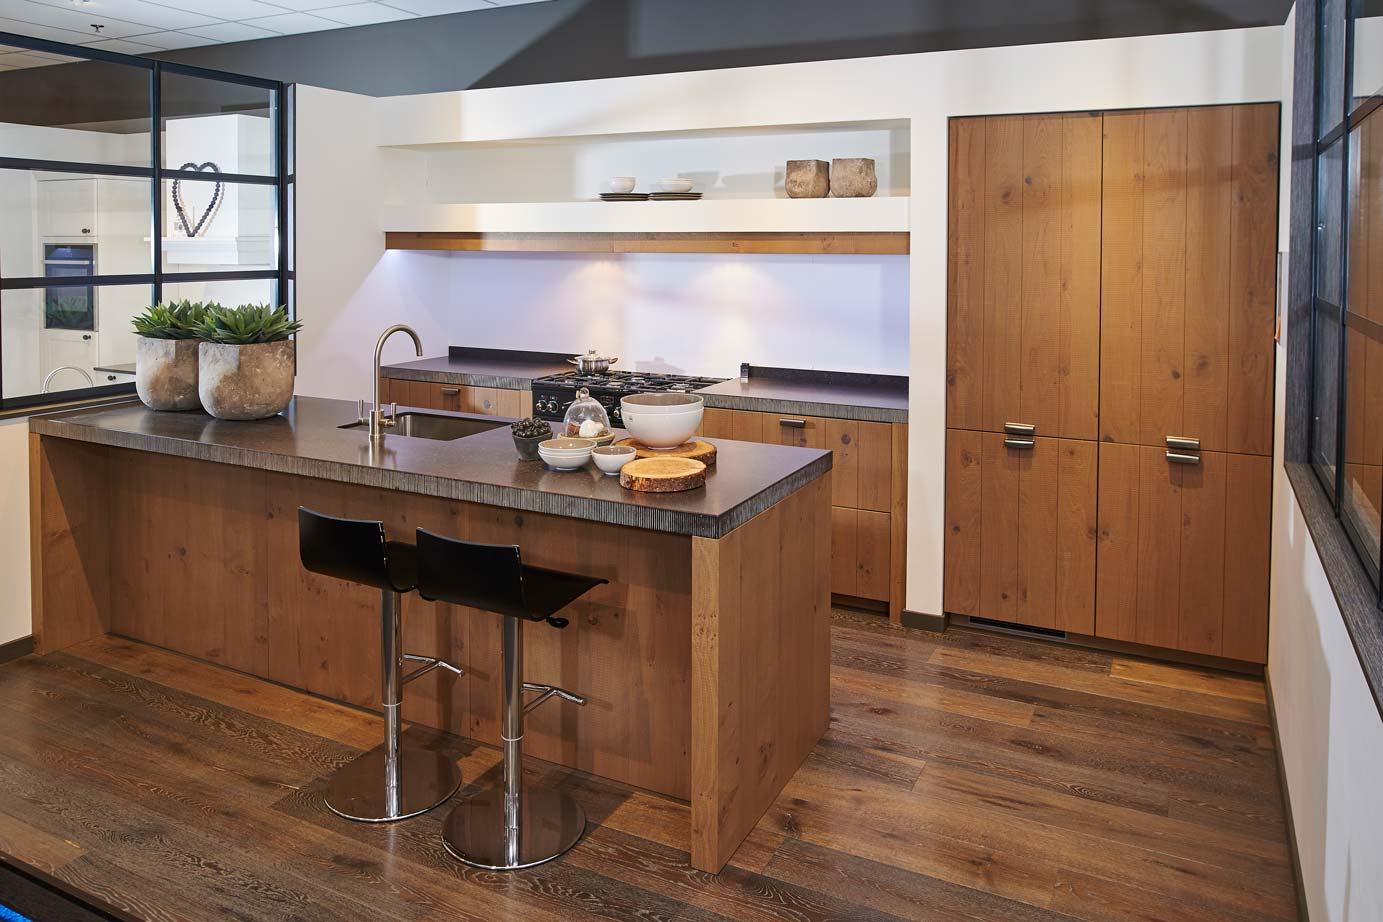 Van Hout Keukens : Houten keukens voor uw natuurlijke sfeer arma